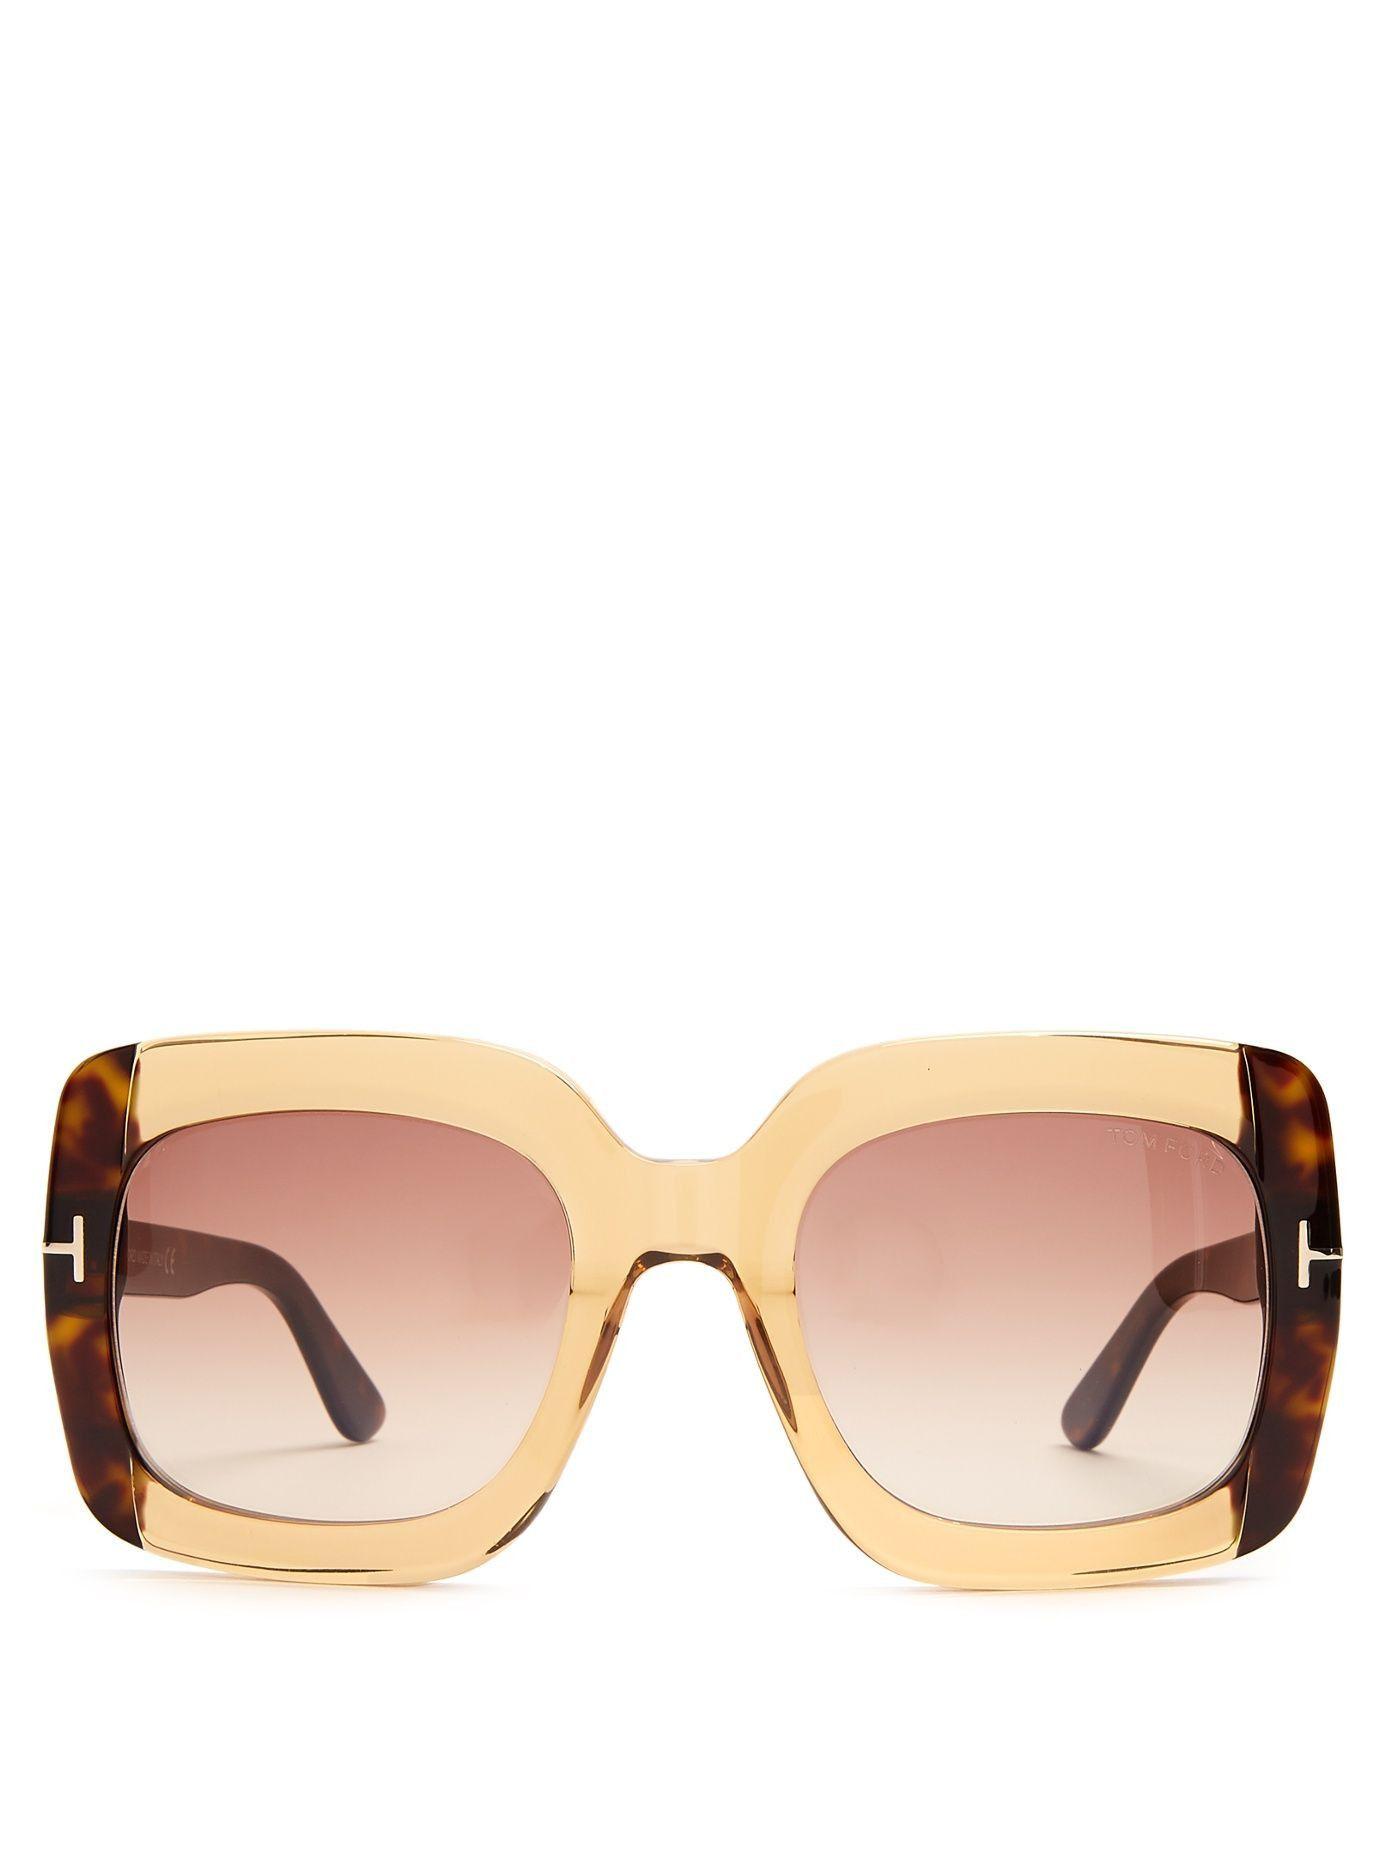 800e1a7259 16 Amazing tom ford Sunglasses for Women Inspiring Ideas - tom ford azuree  soleil